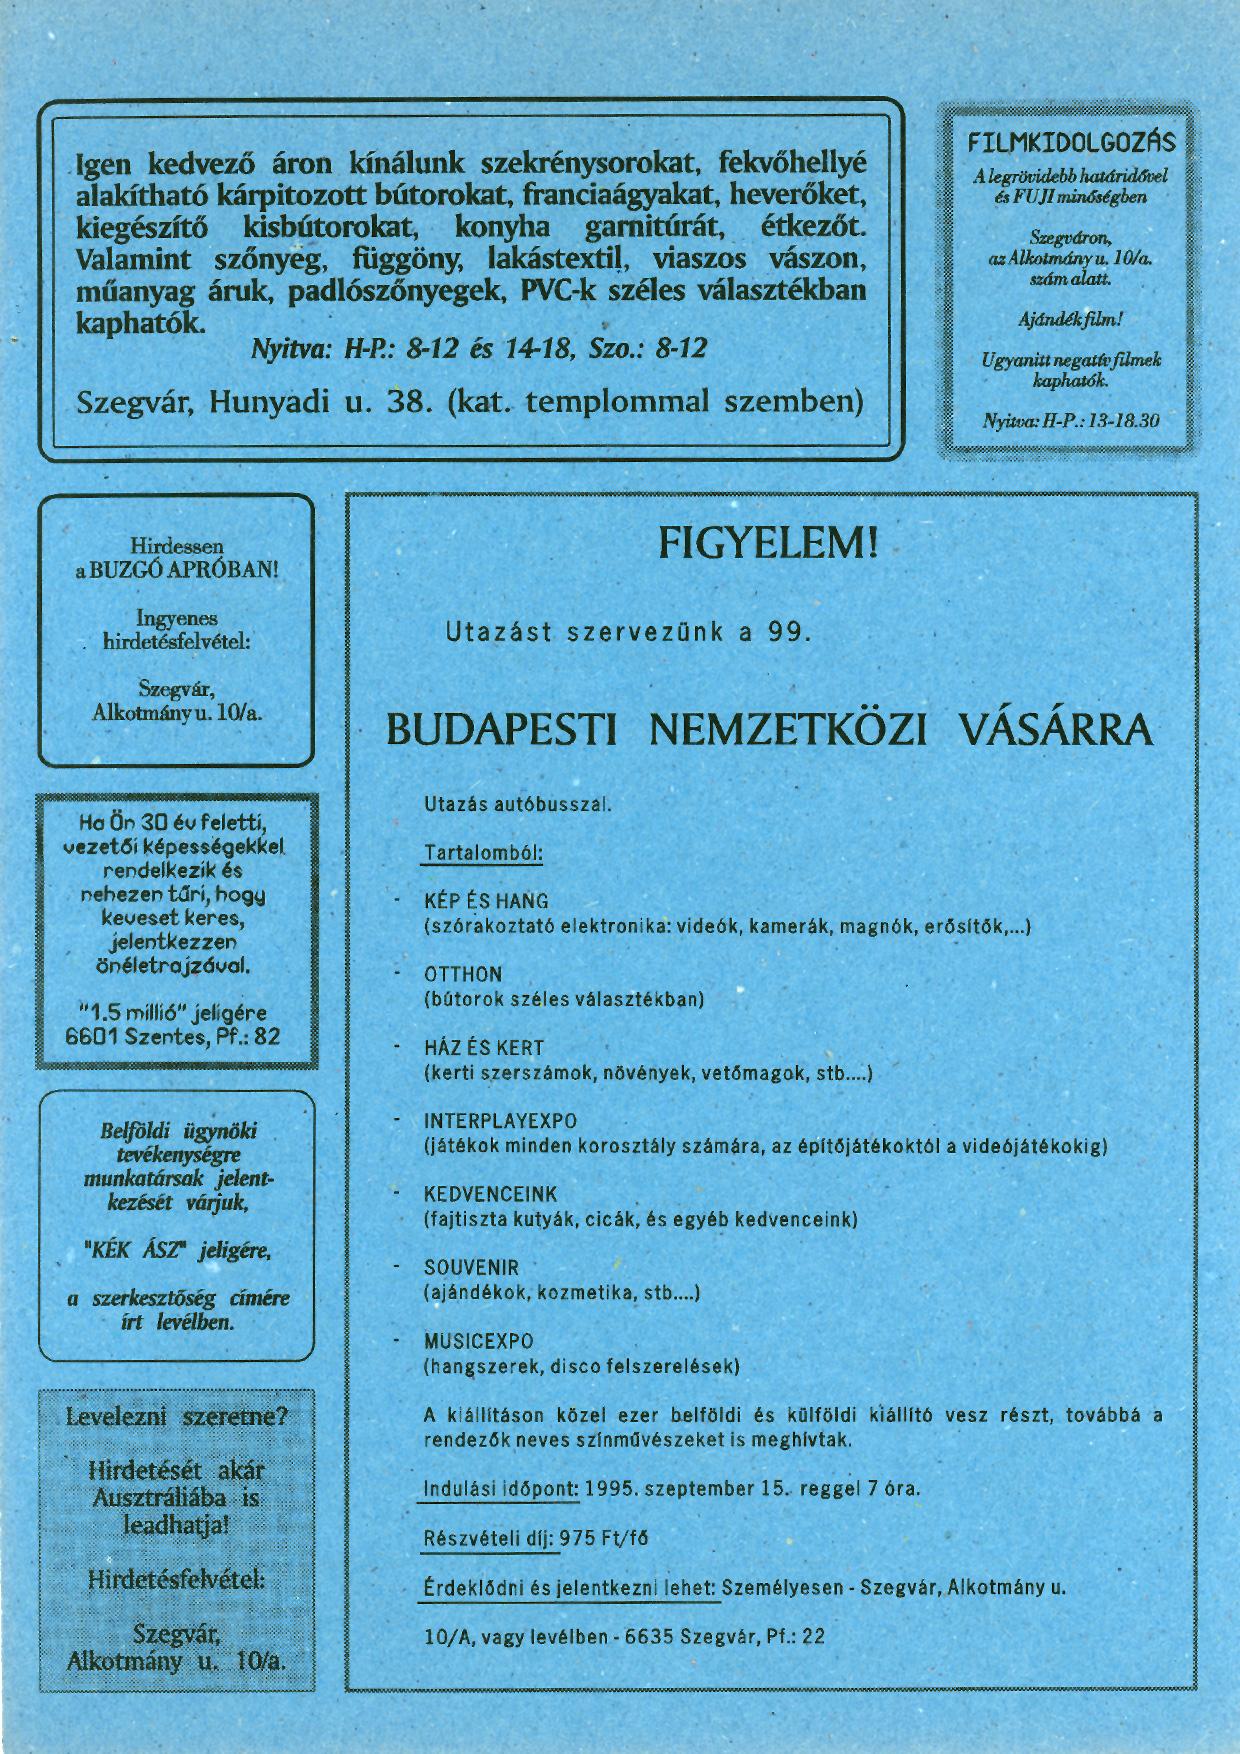 002 Tuti Tipp reklámújság - 19950818-001. lapszám -2.oldal - I. évfolyam.jpg